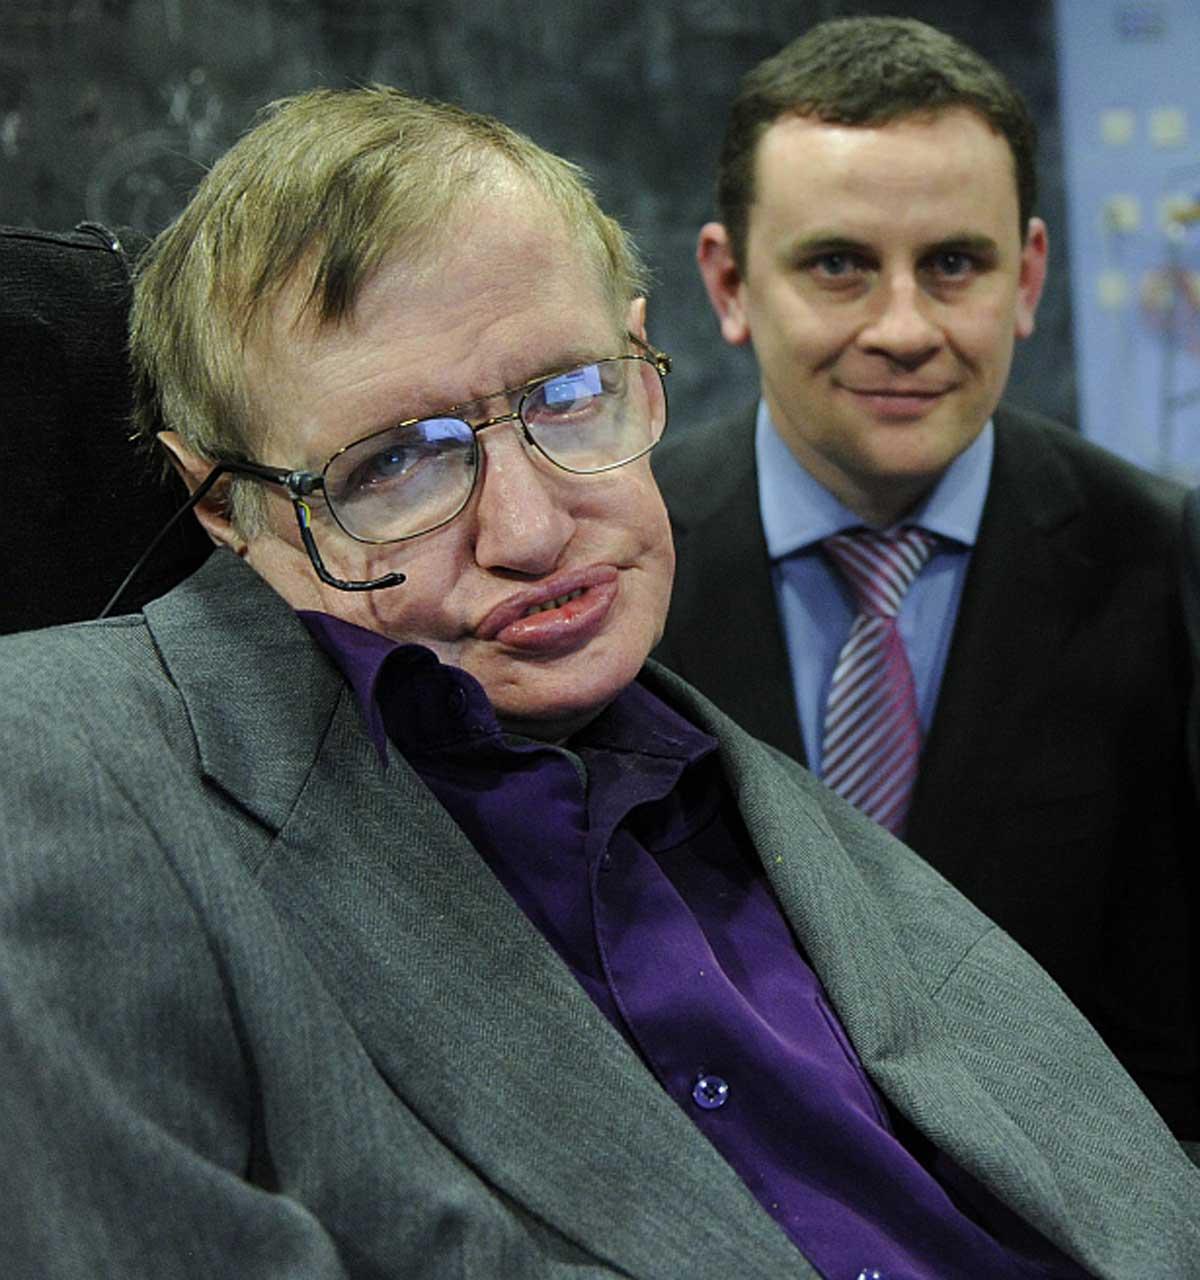 Morto Stephen Hawking a 76 anni, una testimonianza di vita straordinaria